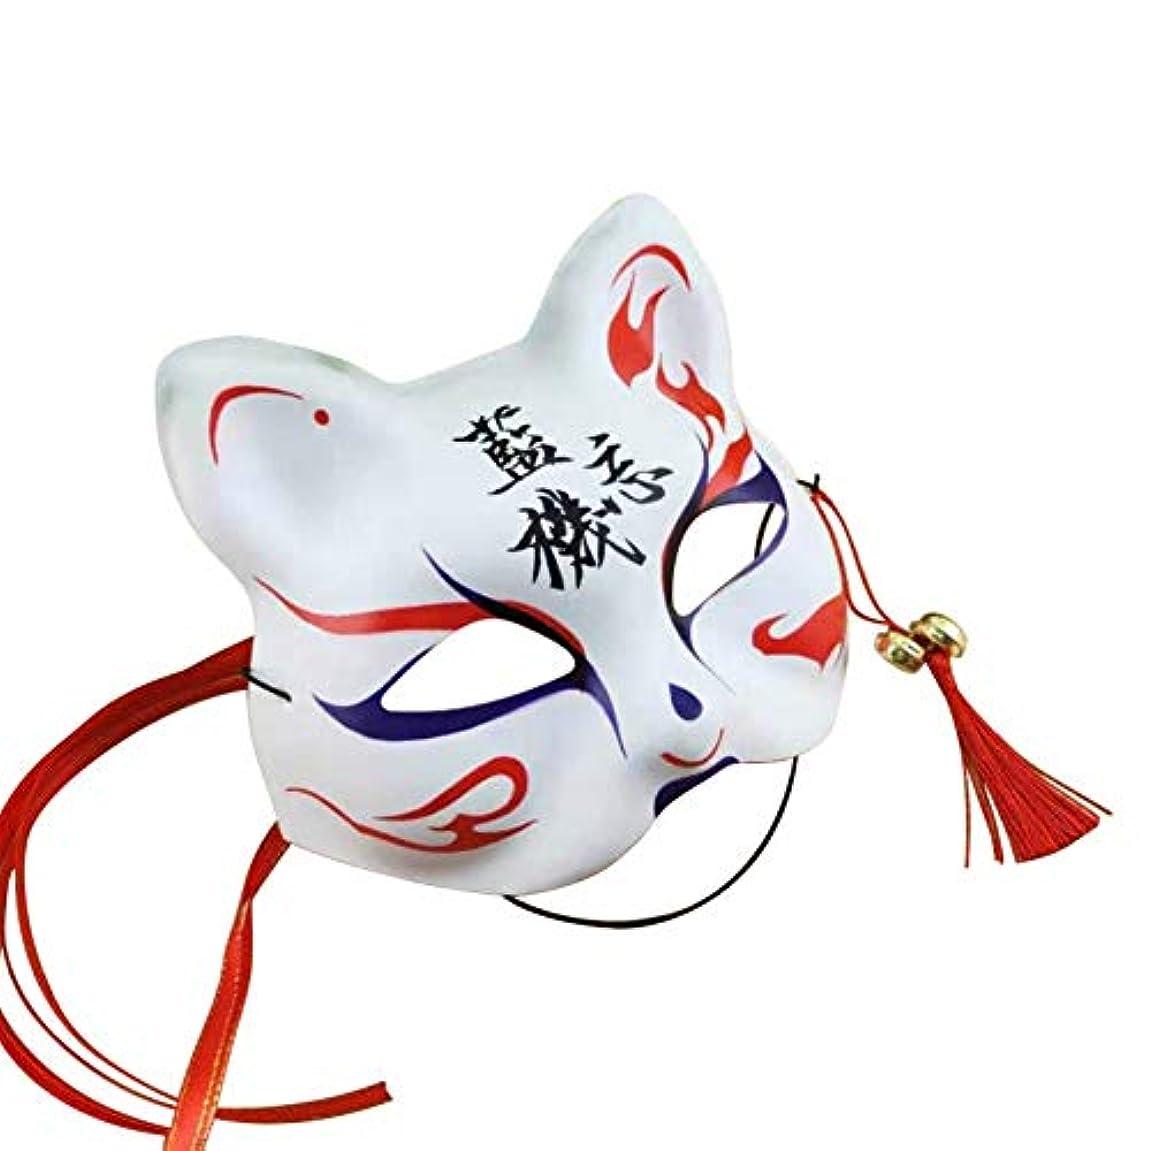 違法バウンド並外れたKISSION 仮面 キツネの仮面 タッセルと小さな鐘 フォックスマスク ユニセックス パーティーマスク小道具 コスプレマスク プラスチックマスク